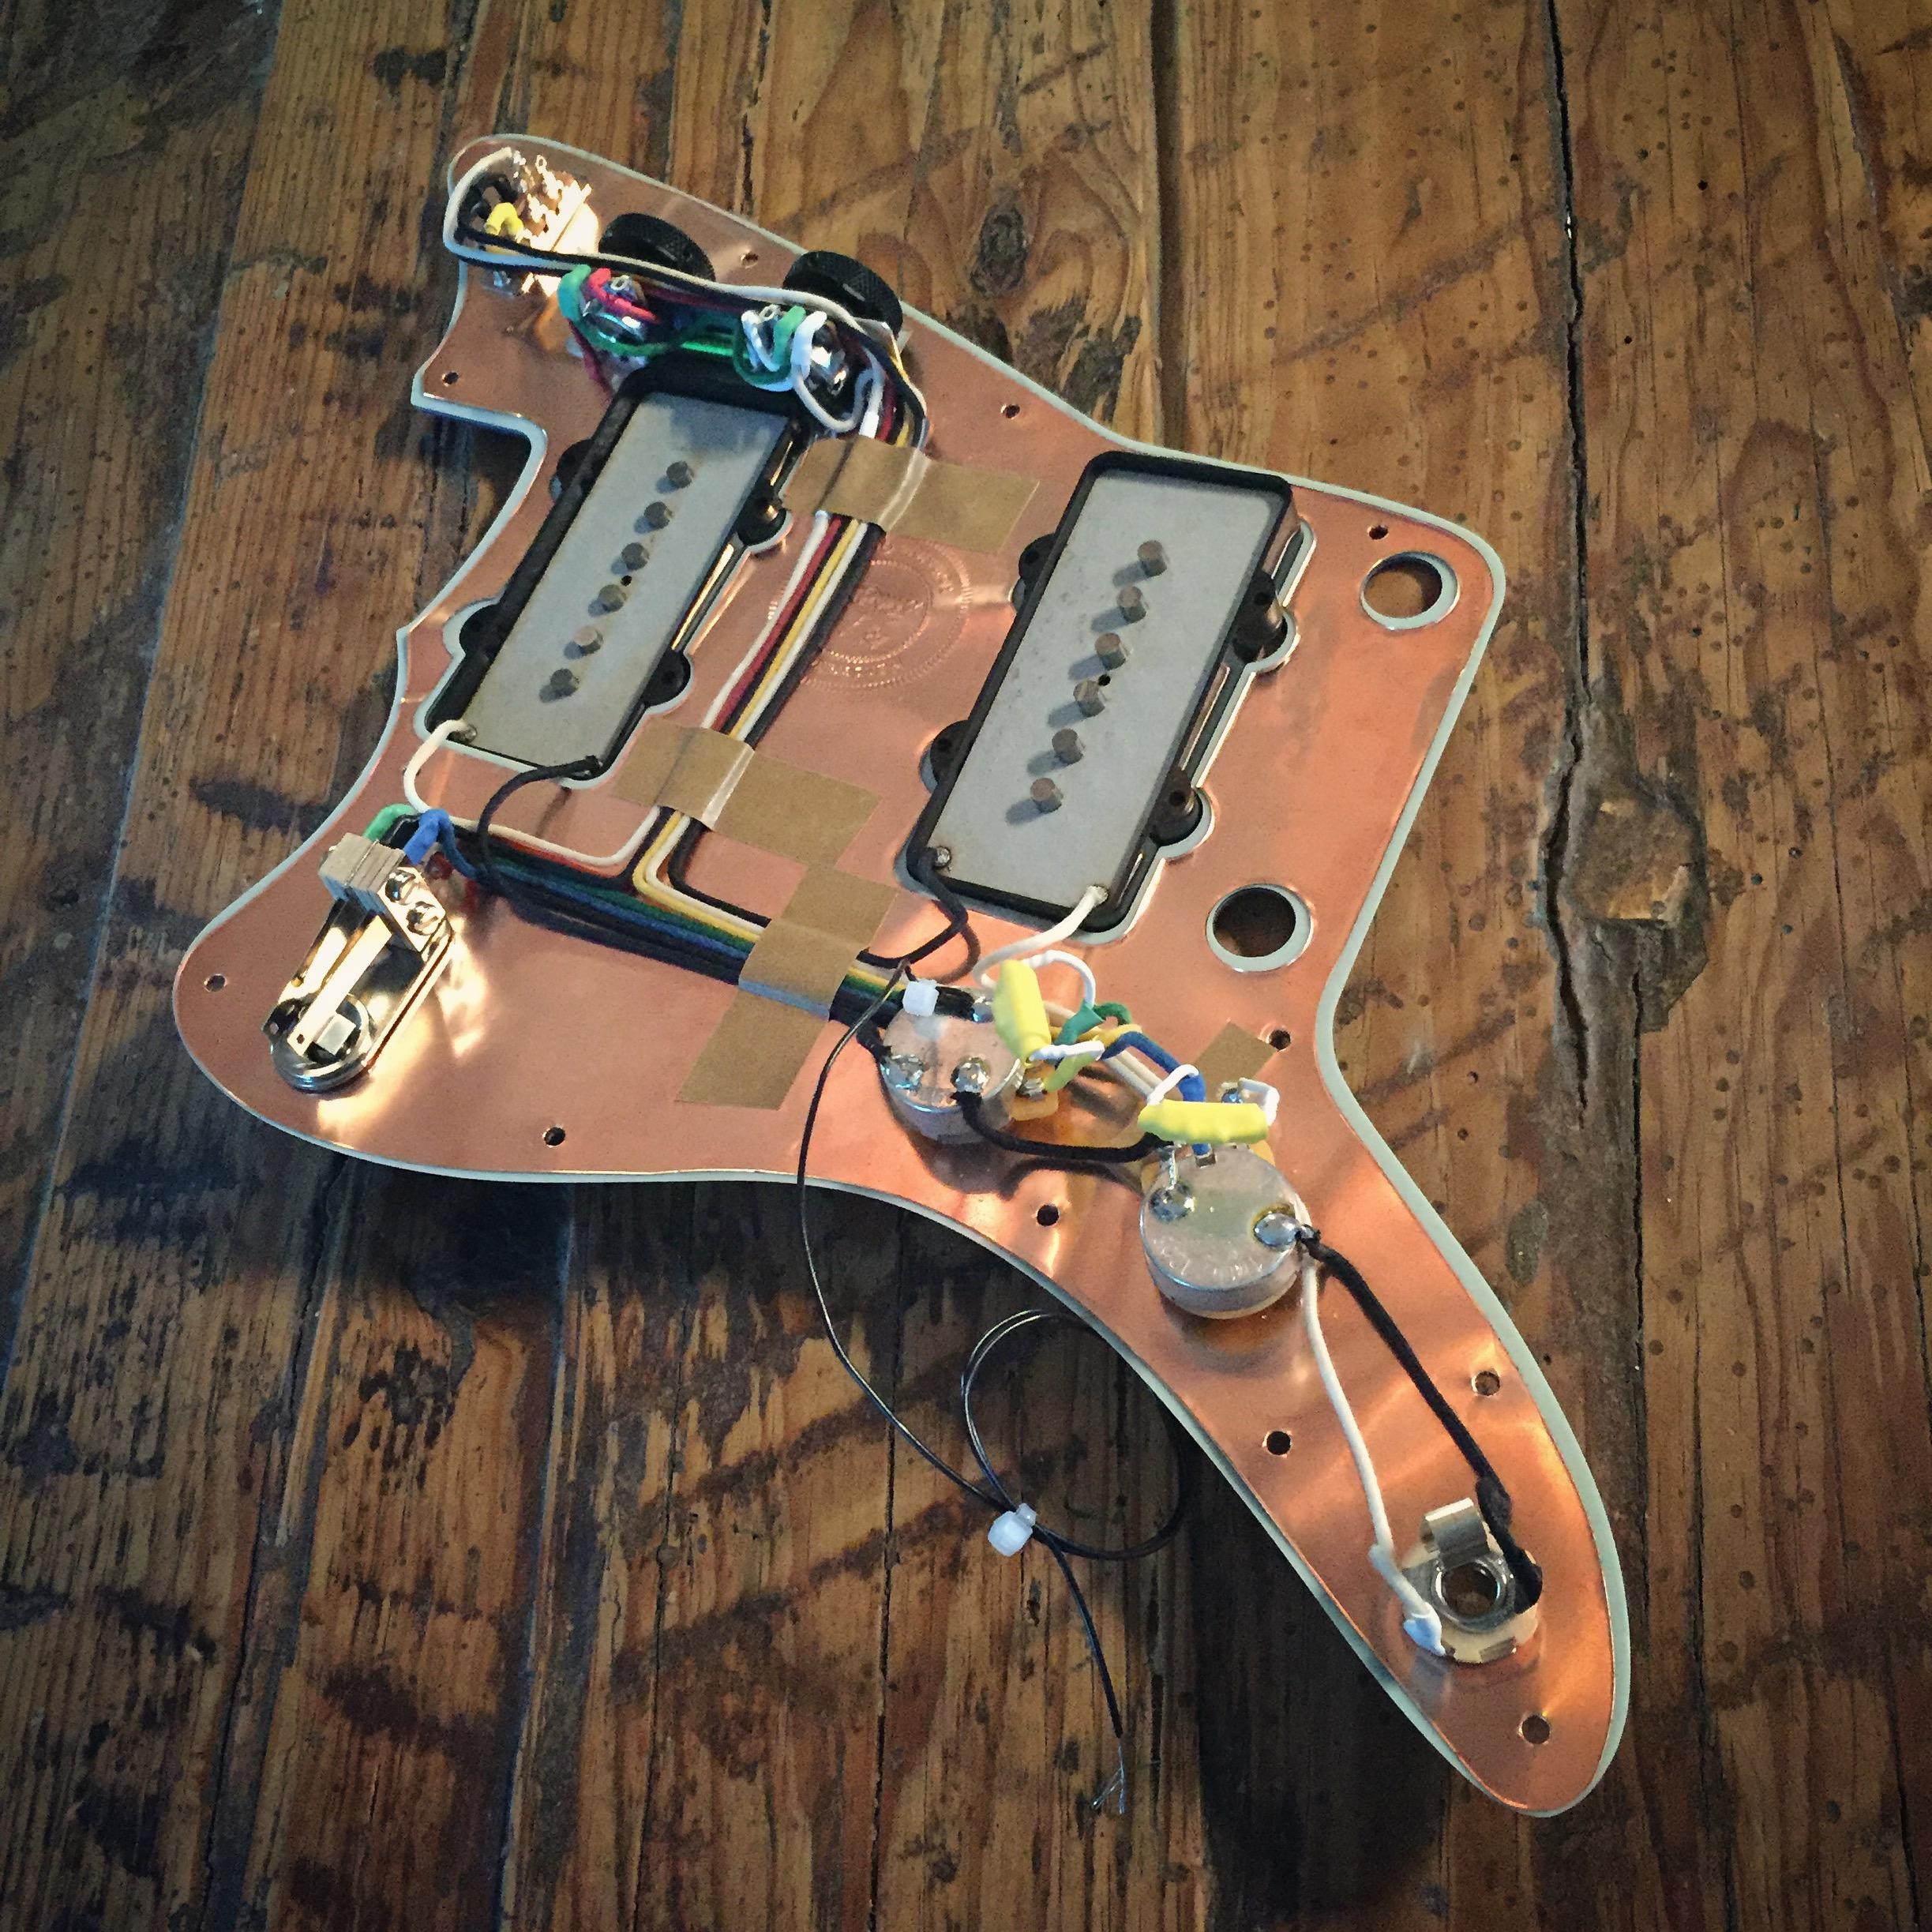 jazzmaster rothstein guitars Wiring Diagram Jazzmaster Free Picture prewired jazzmaster stb super mod Jazzmaster Schematic